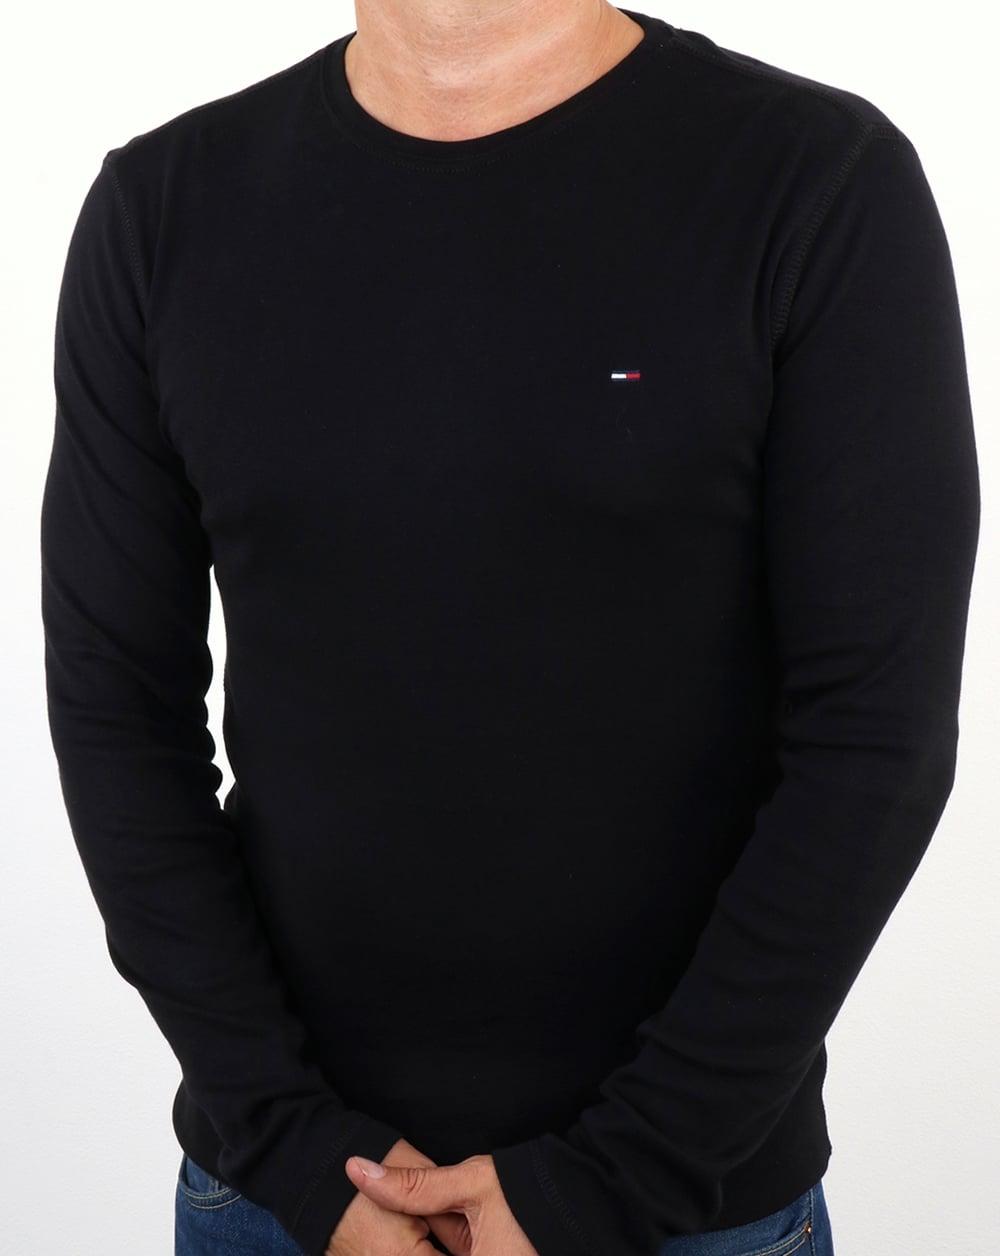 Tommy Hilfiger Rib Cotton Long Sleeve T Shirt Black,crew neck,mens e190f5feeb